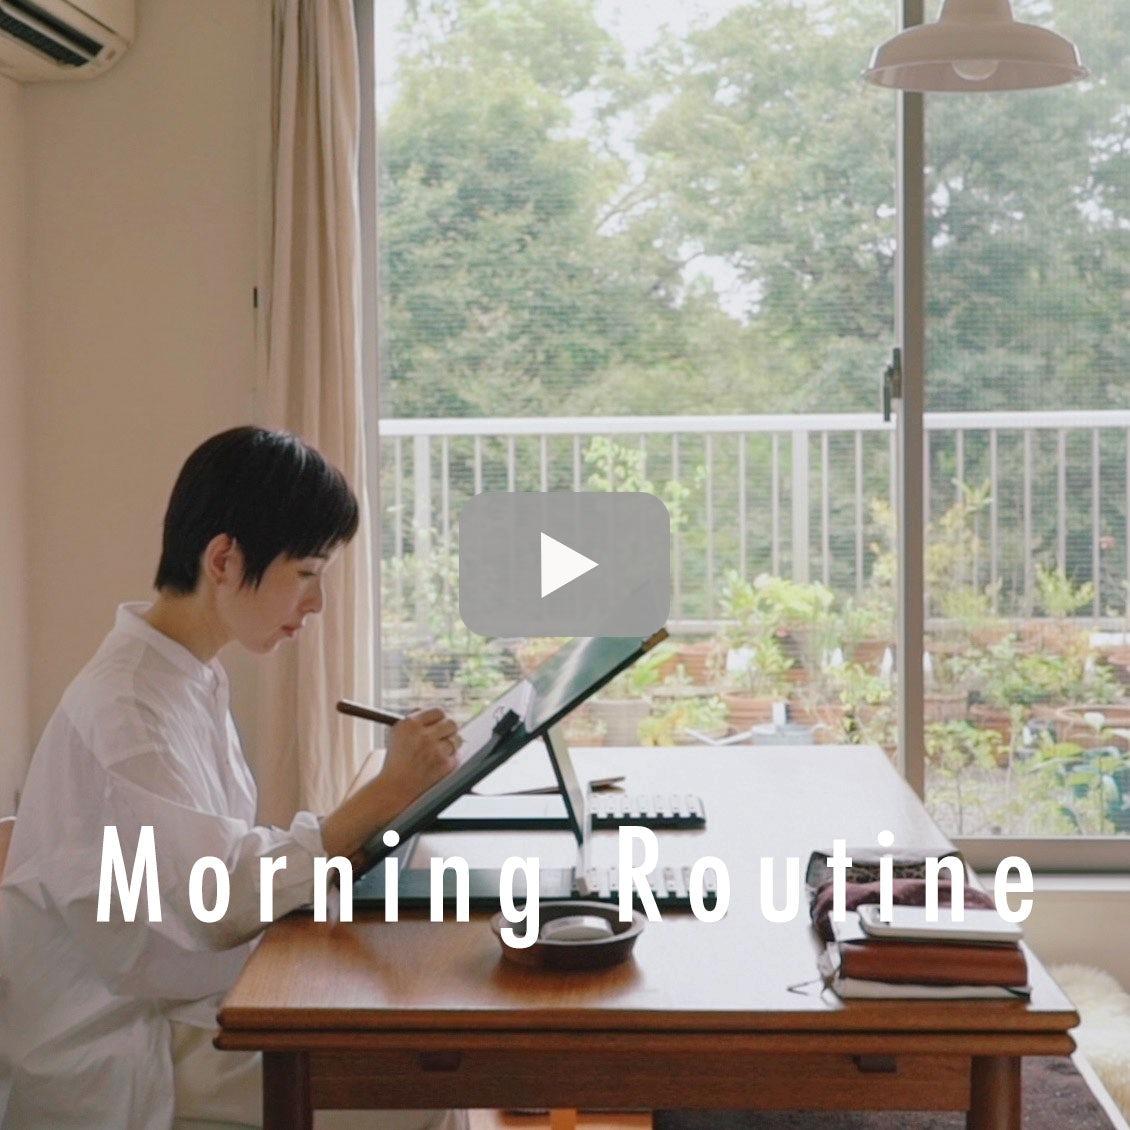 【わたしの朝習慣】継続することが自信に。自分のペースで始める心地のよい朝